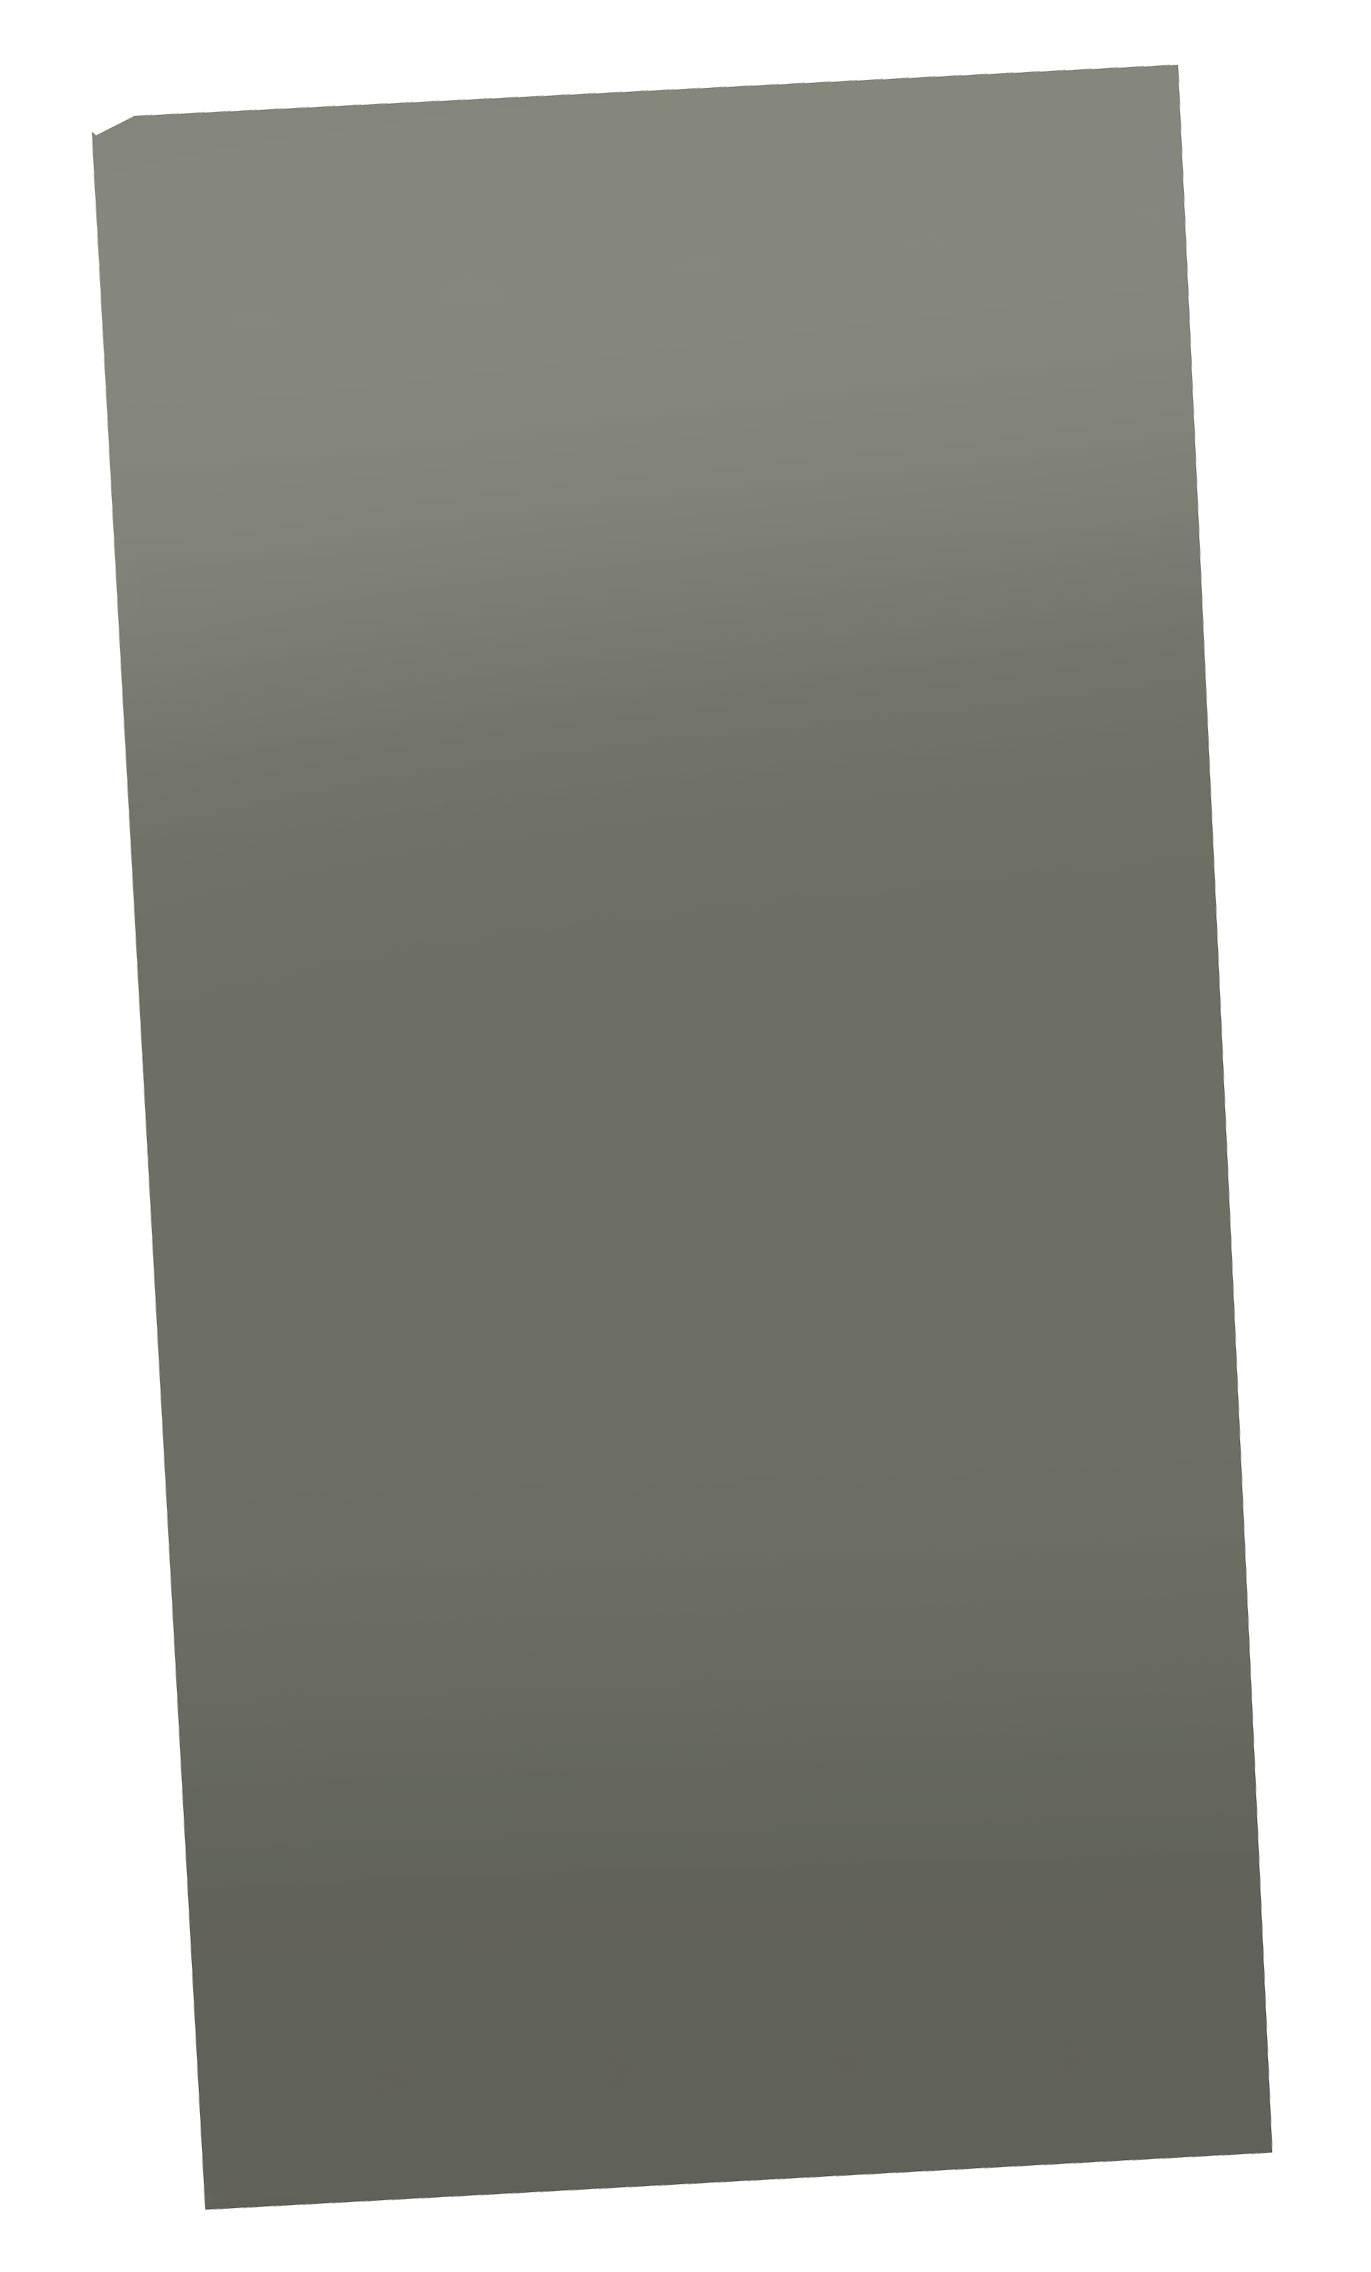 Čelný panel TRU COMPONENTS TC-215 X 111 X 2MM203, 215 mm, umelá hmota, sivá, 1 ks